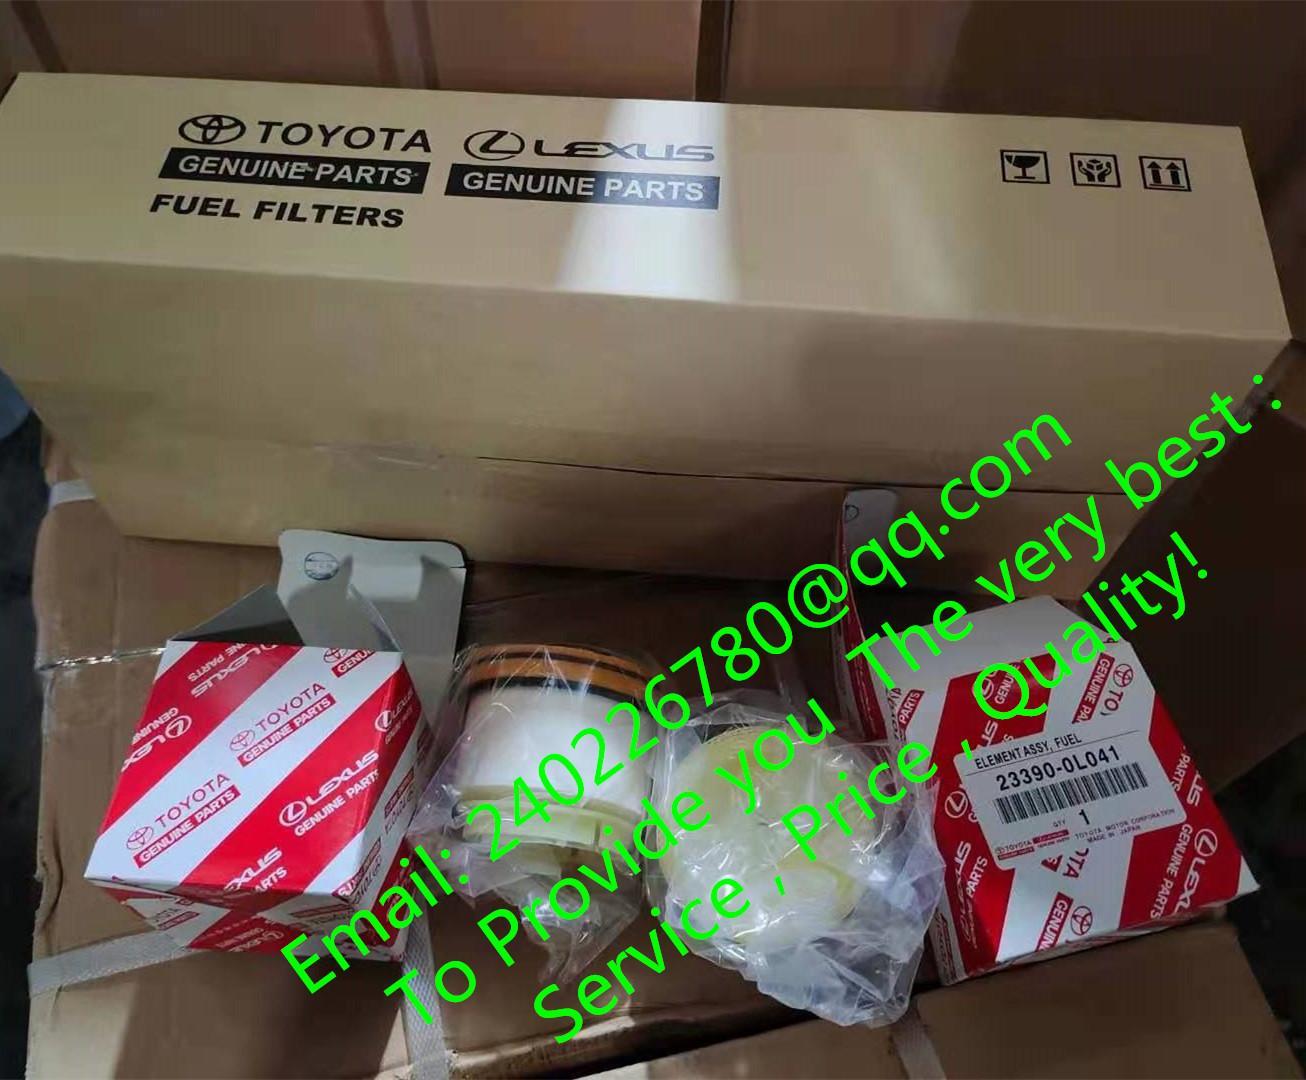 FOR TOYOTA Hilux/Hiace 23390-OL041 23390-0L041 23300-0L020 23390-0L020 23390-0L030   23390-YZZA1  23390-0L040 23390-YZZA2 1770A233 1770A321 23390-0L010 23390-OL010 8-98159-693-0  8-98194-119-0 23390-YZZA1  23390-YZZA2